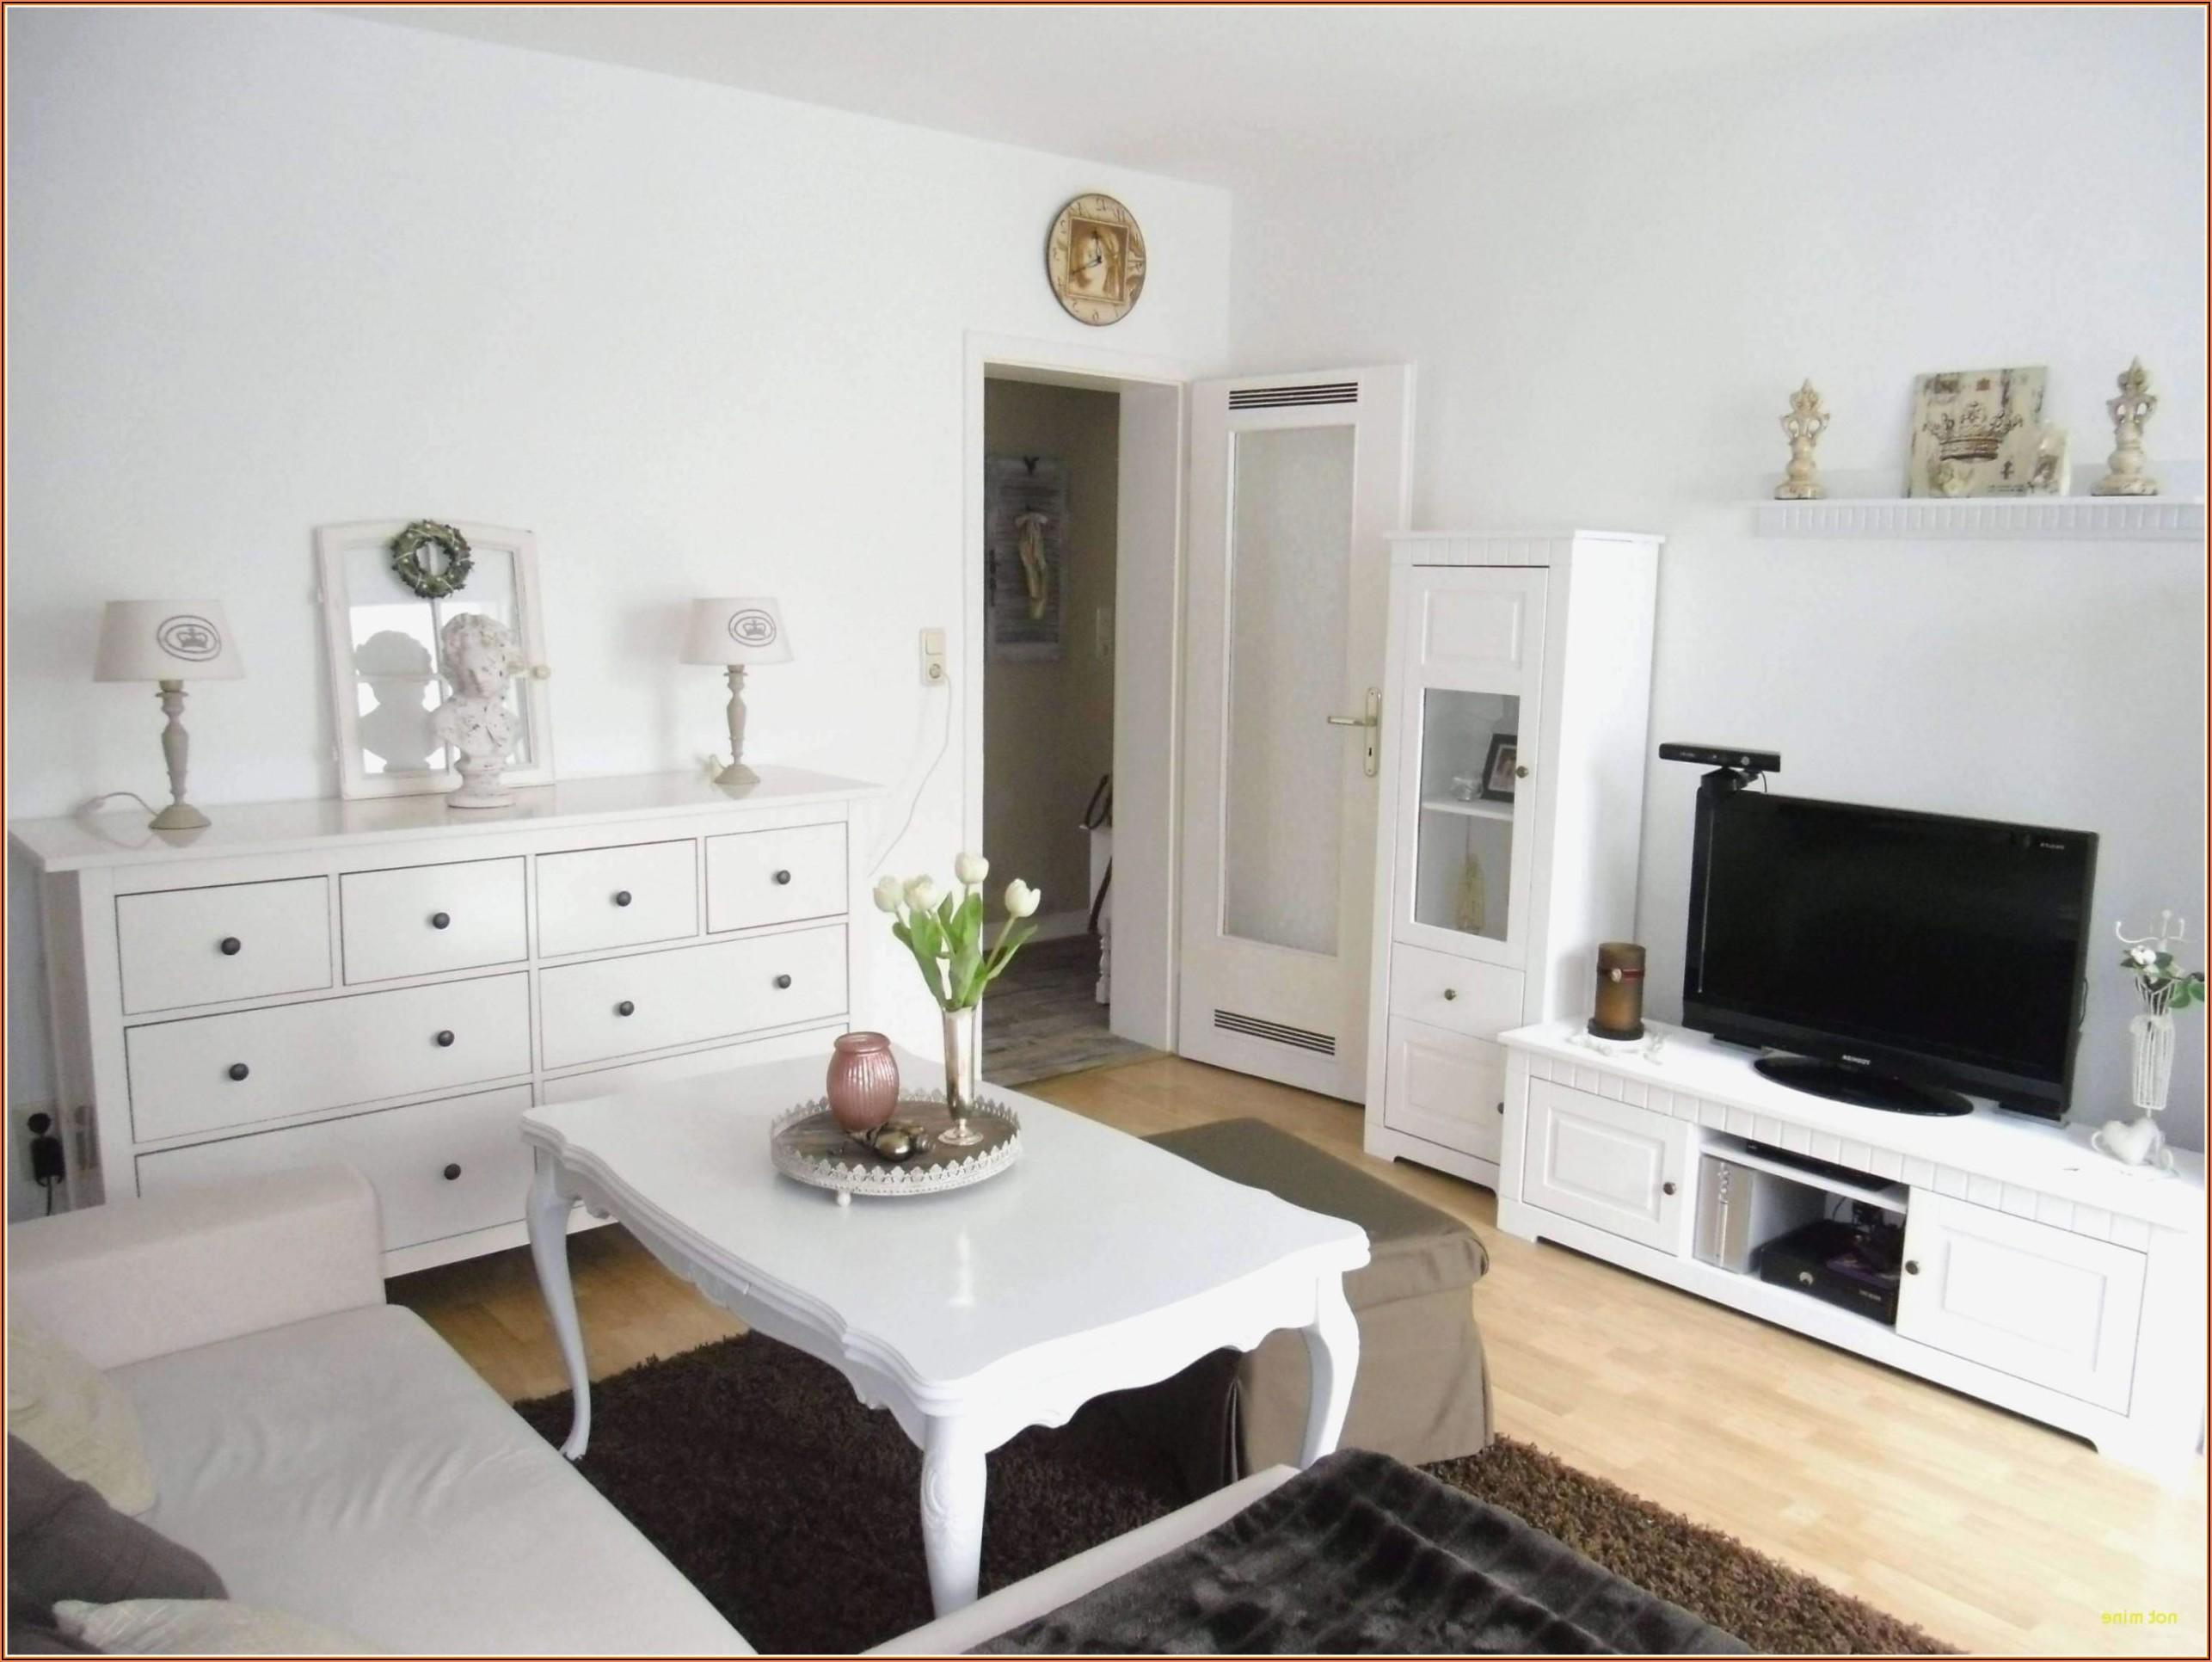 Deko Holzkiste Wohnzimmer